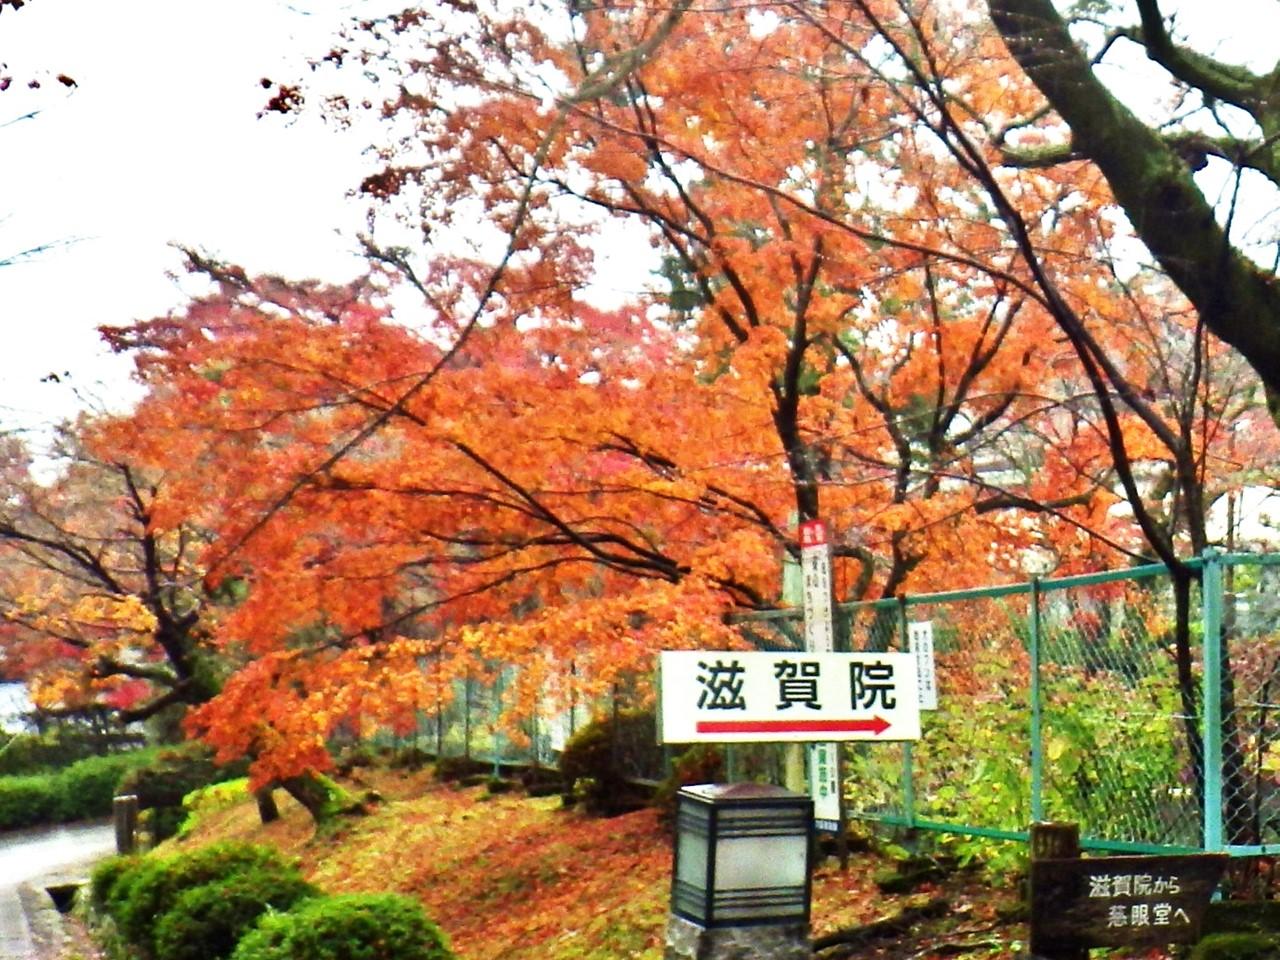 03a 滋賀院への標識